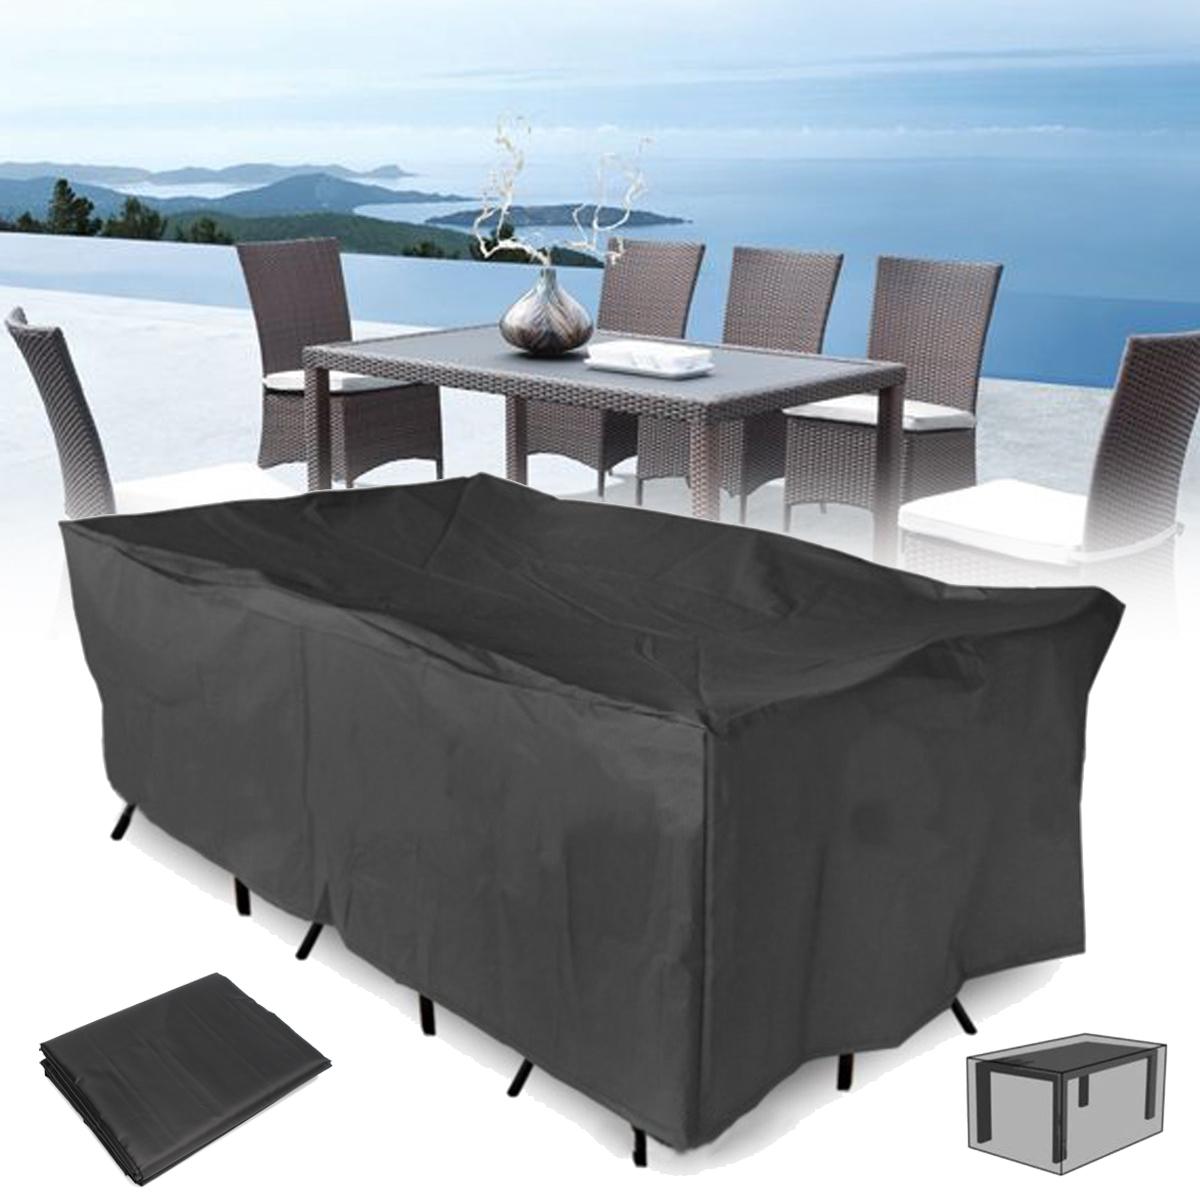 320x220x70CM Outdoor Garden Patio Furniture Waterproof